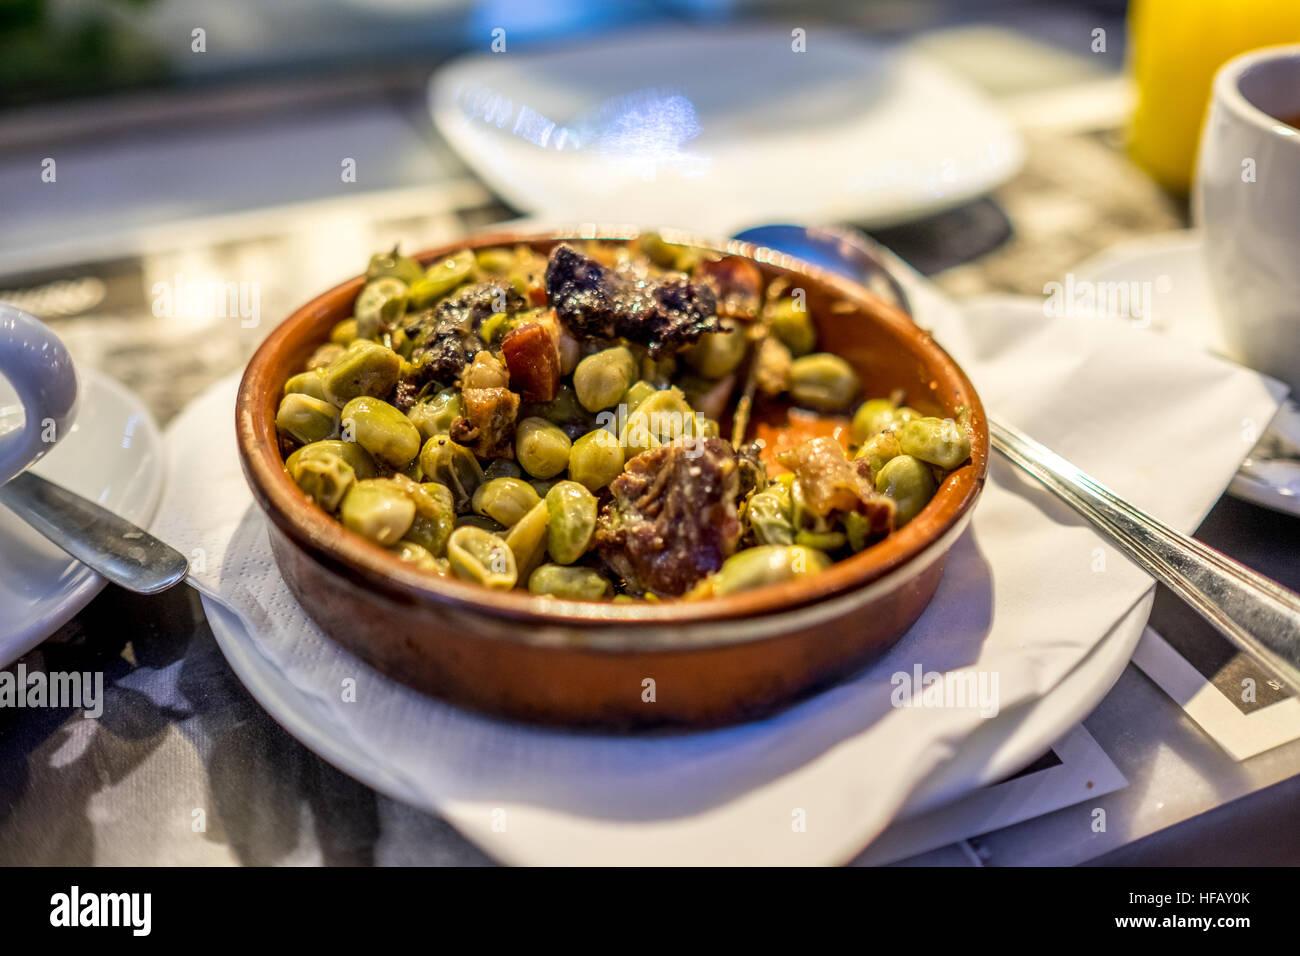 Lo spagnolo di fagioli e salsiccia stufata. Immagini Stock